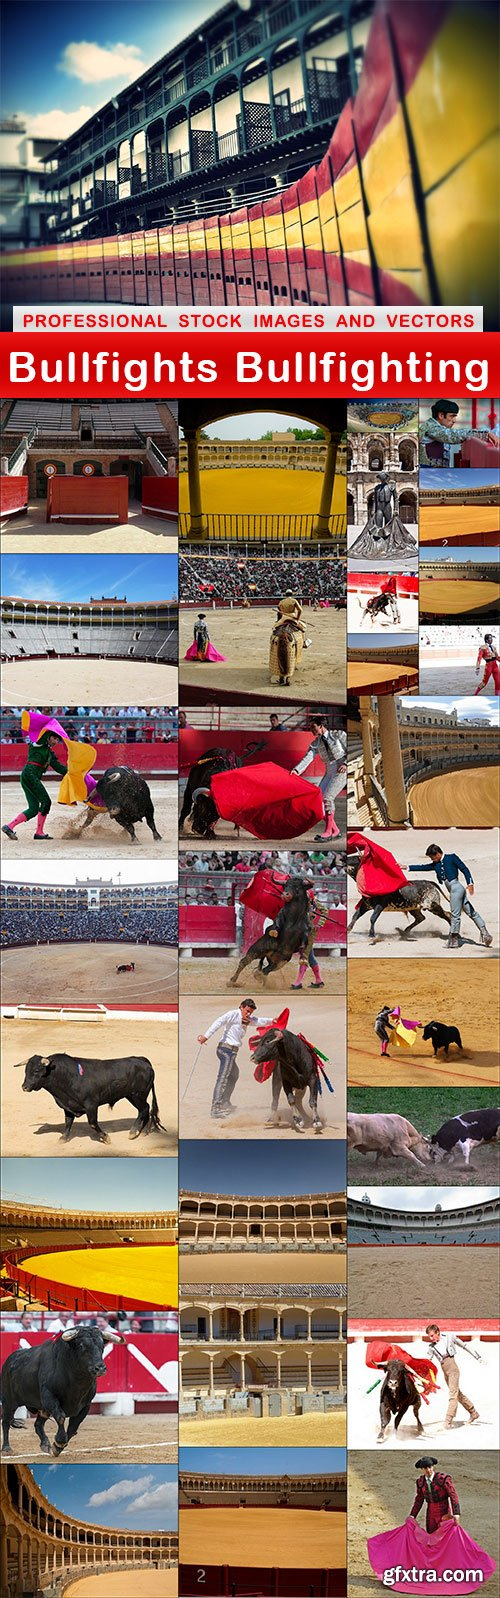 Bullfights Bullfighting - 32 UHQ JPEG